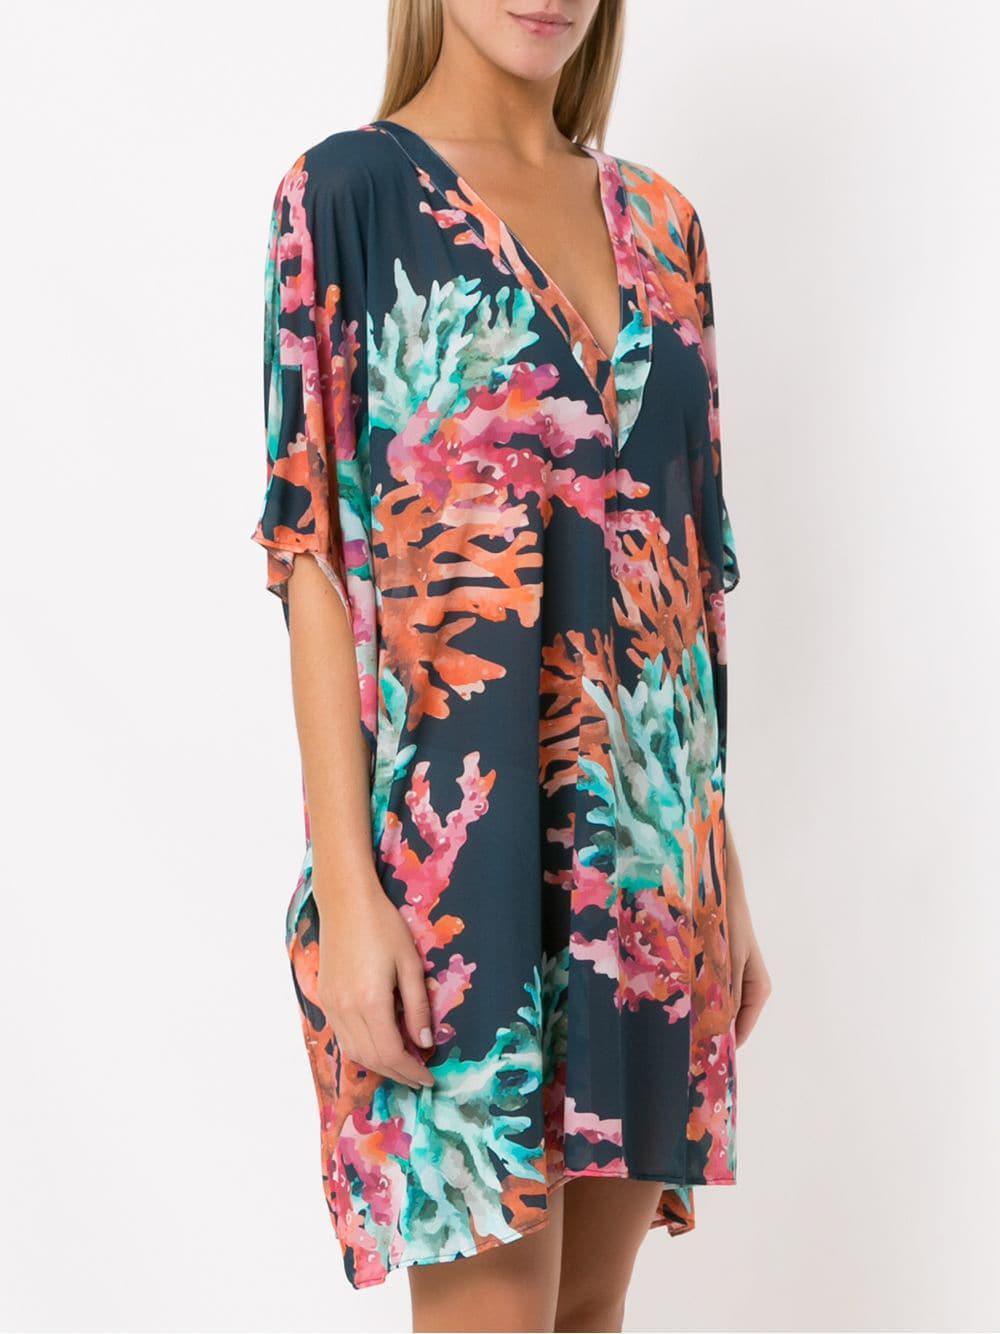 da9b53a256 ... Printed Beach Dress - Lyst. View fullscreen